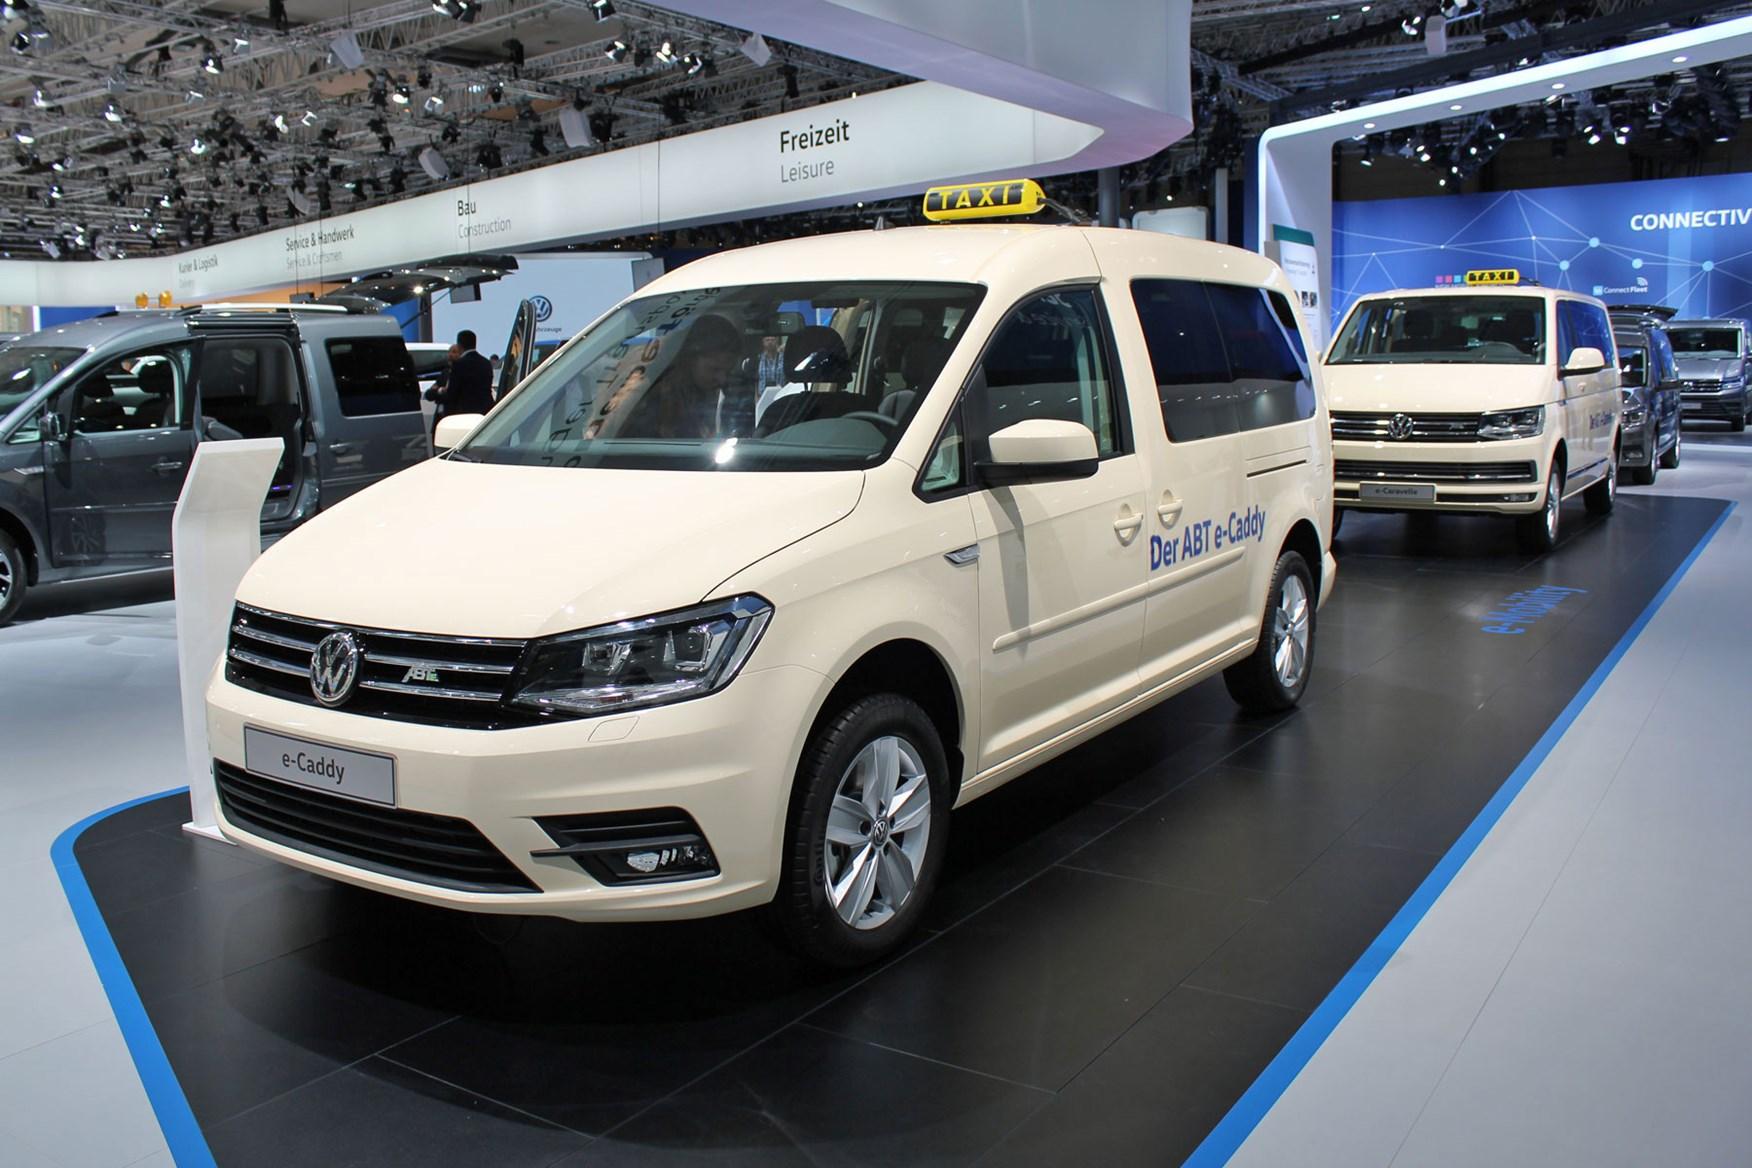 VW e-Caddy electric van on display at IAA 2018